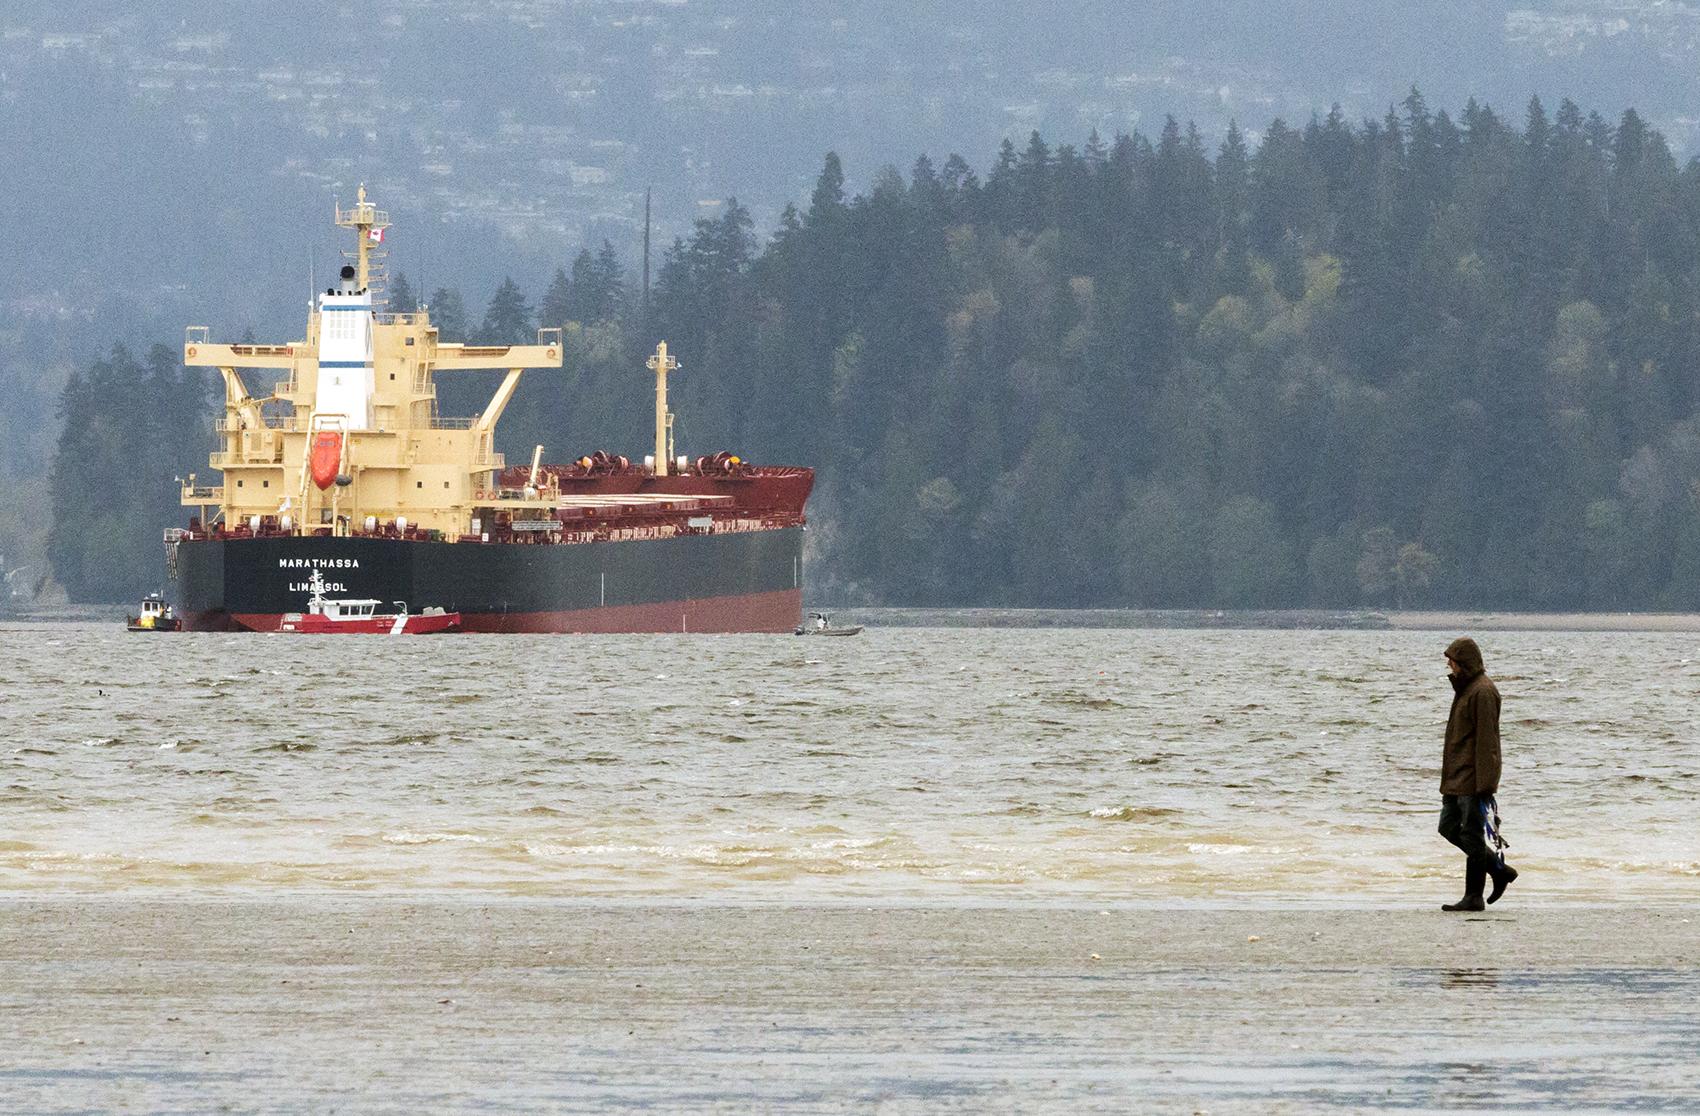 spill ship1927